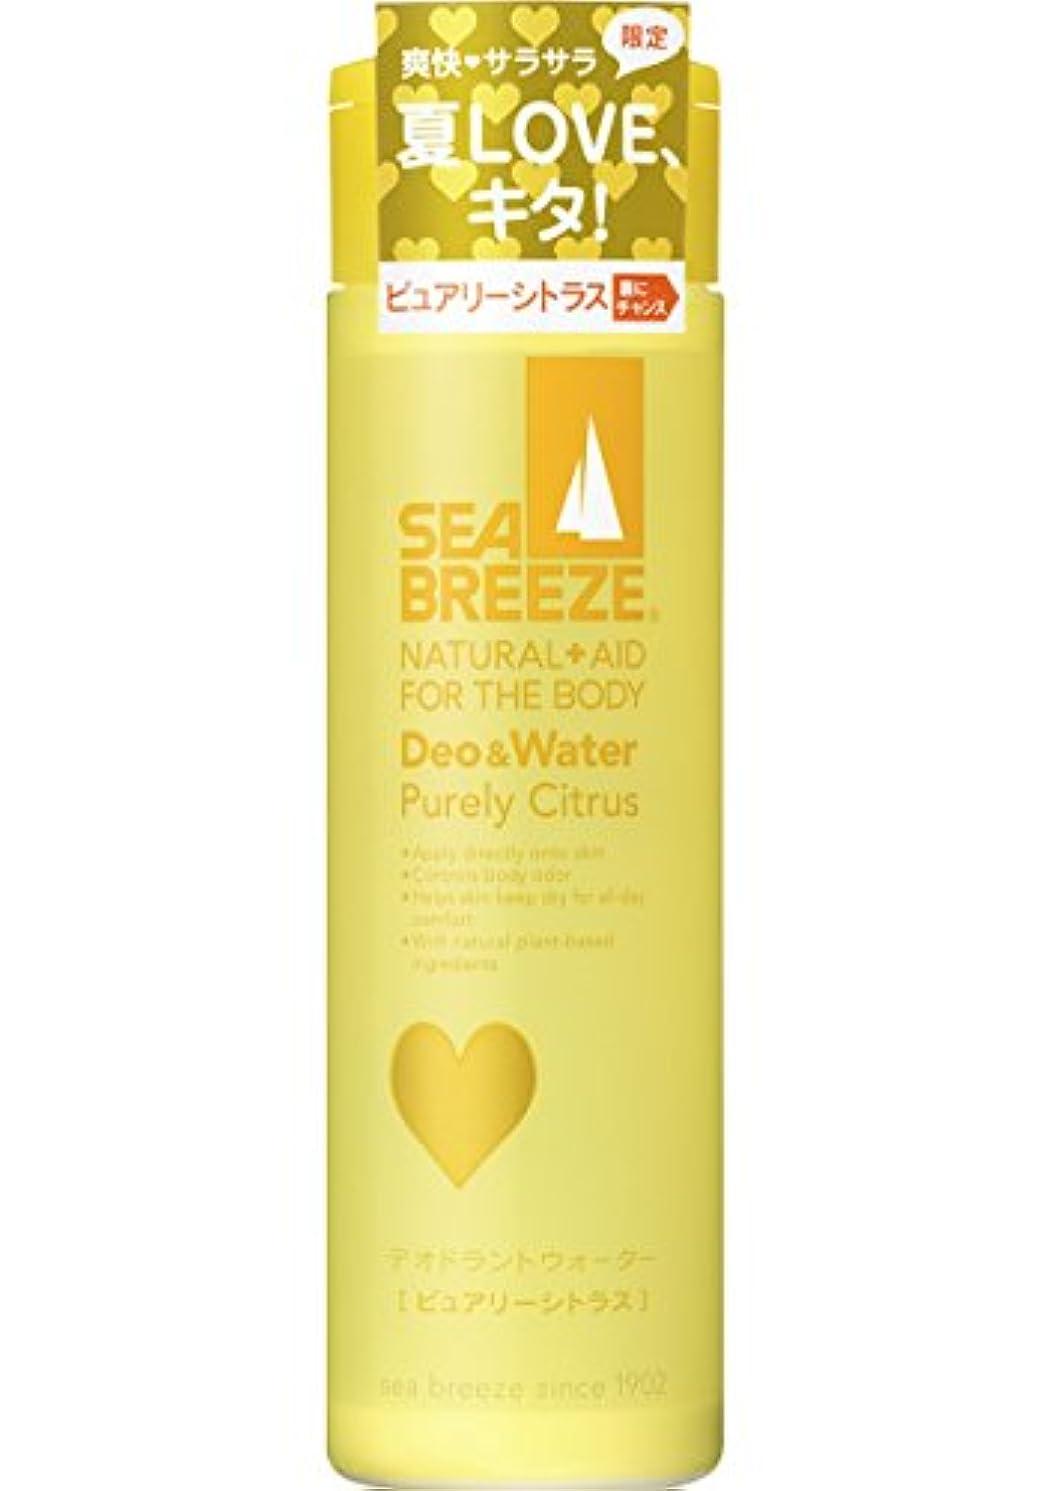 財団テーマ呼吸するシーブリーズ デオ&ウォーター ピュアリーシトラスの香り 160ml